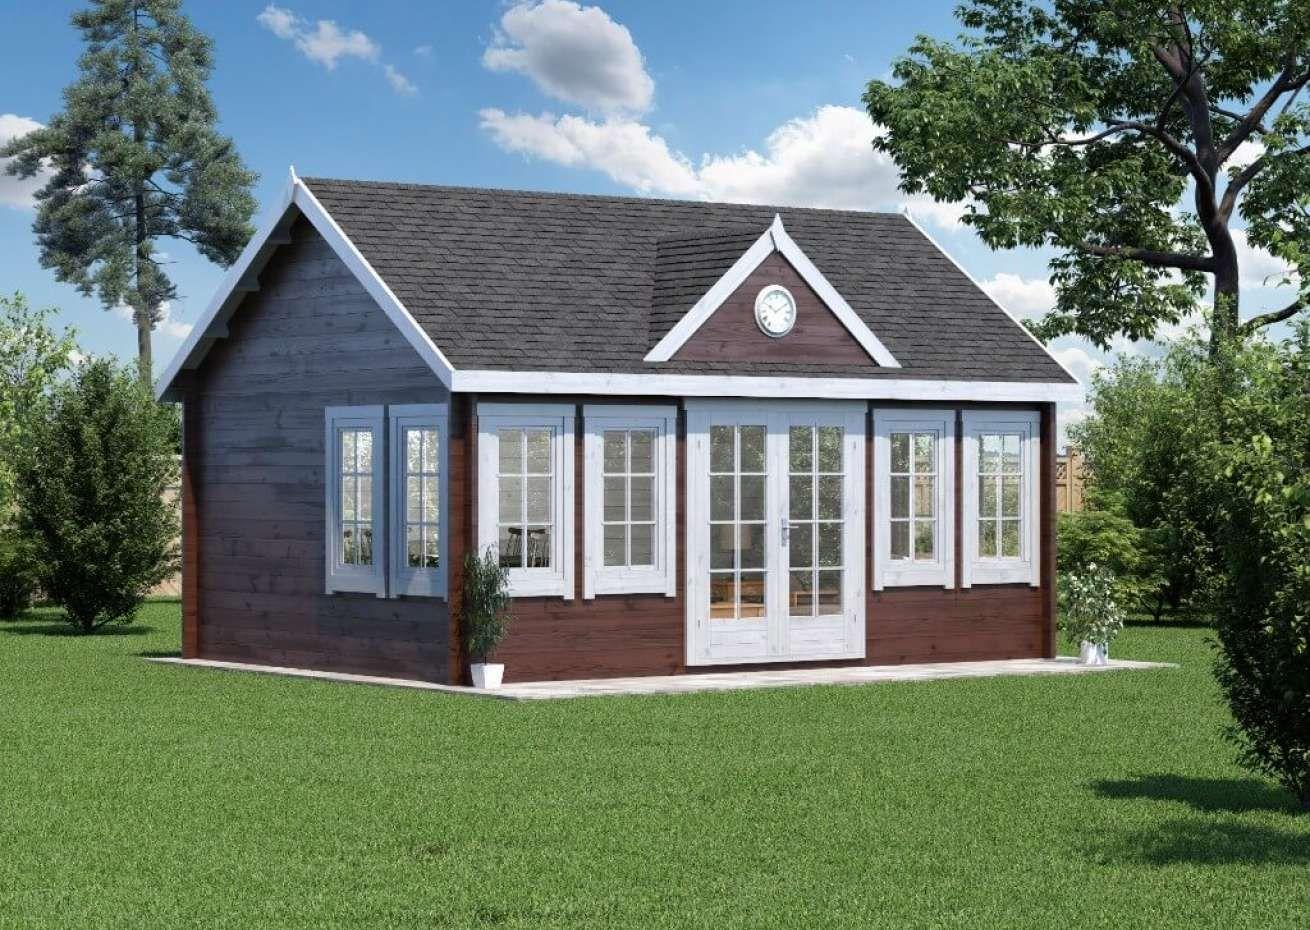 Bestellen Sie das Gartenhaus ClockhouseXL 70mm beim